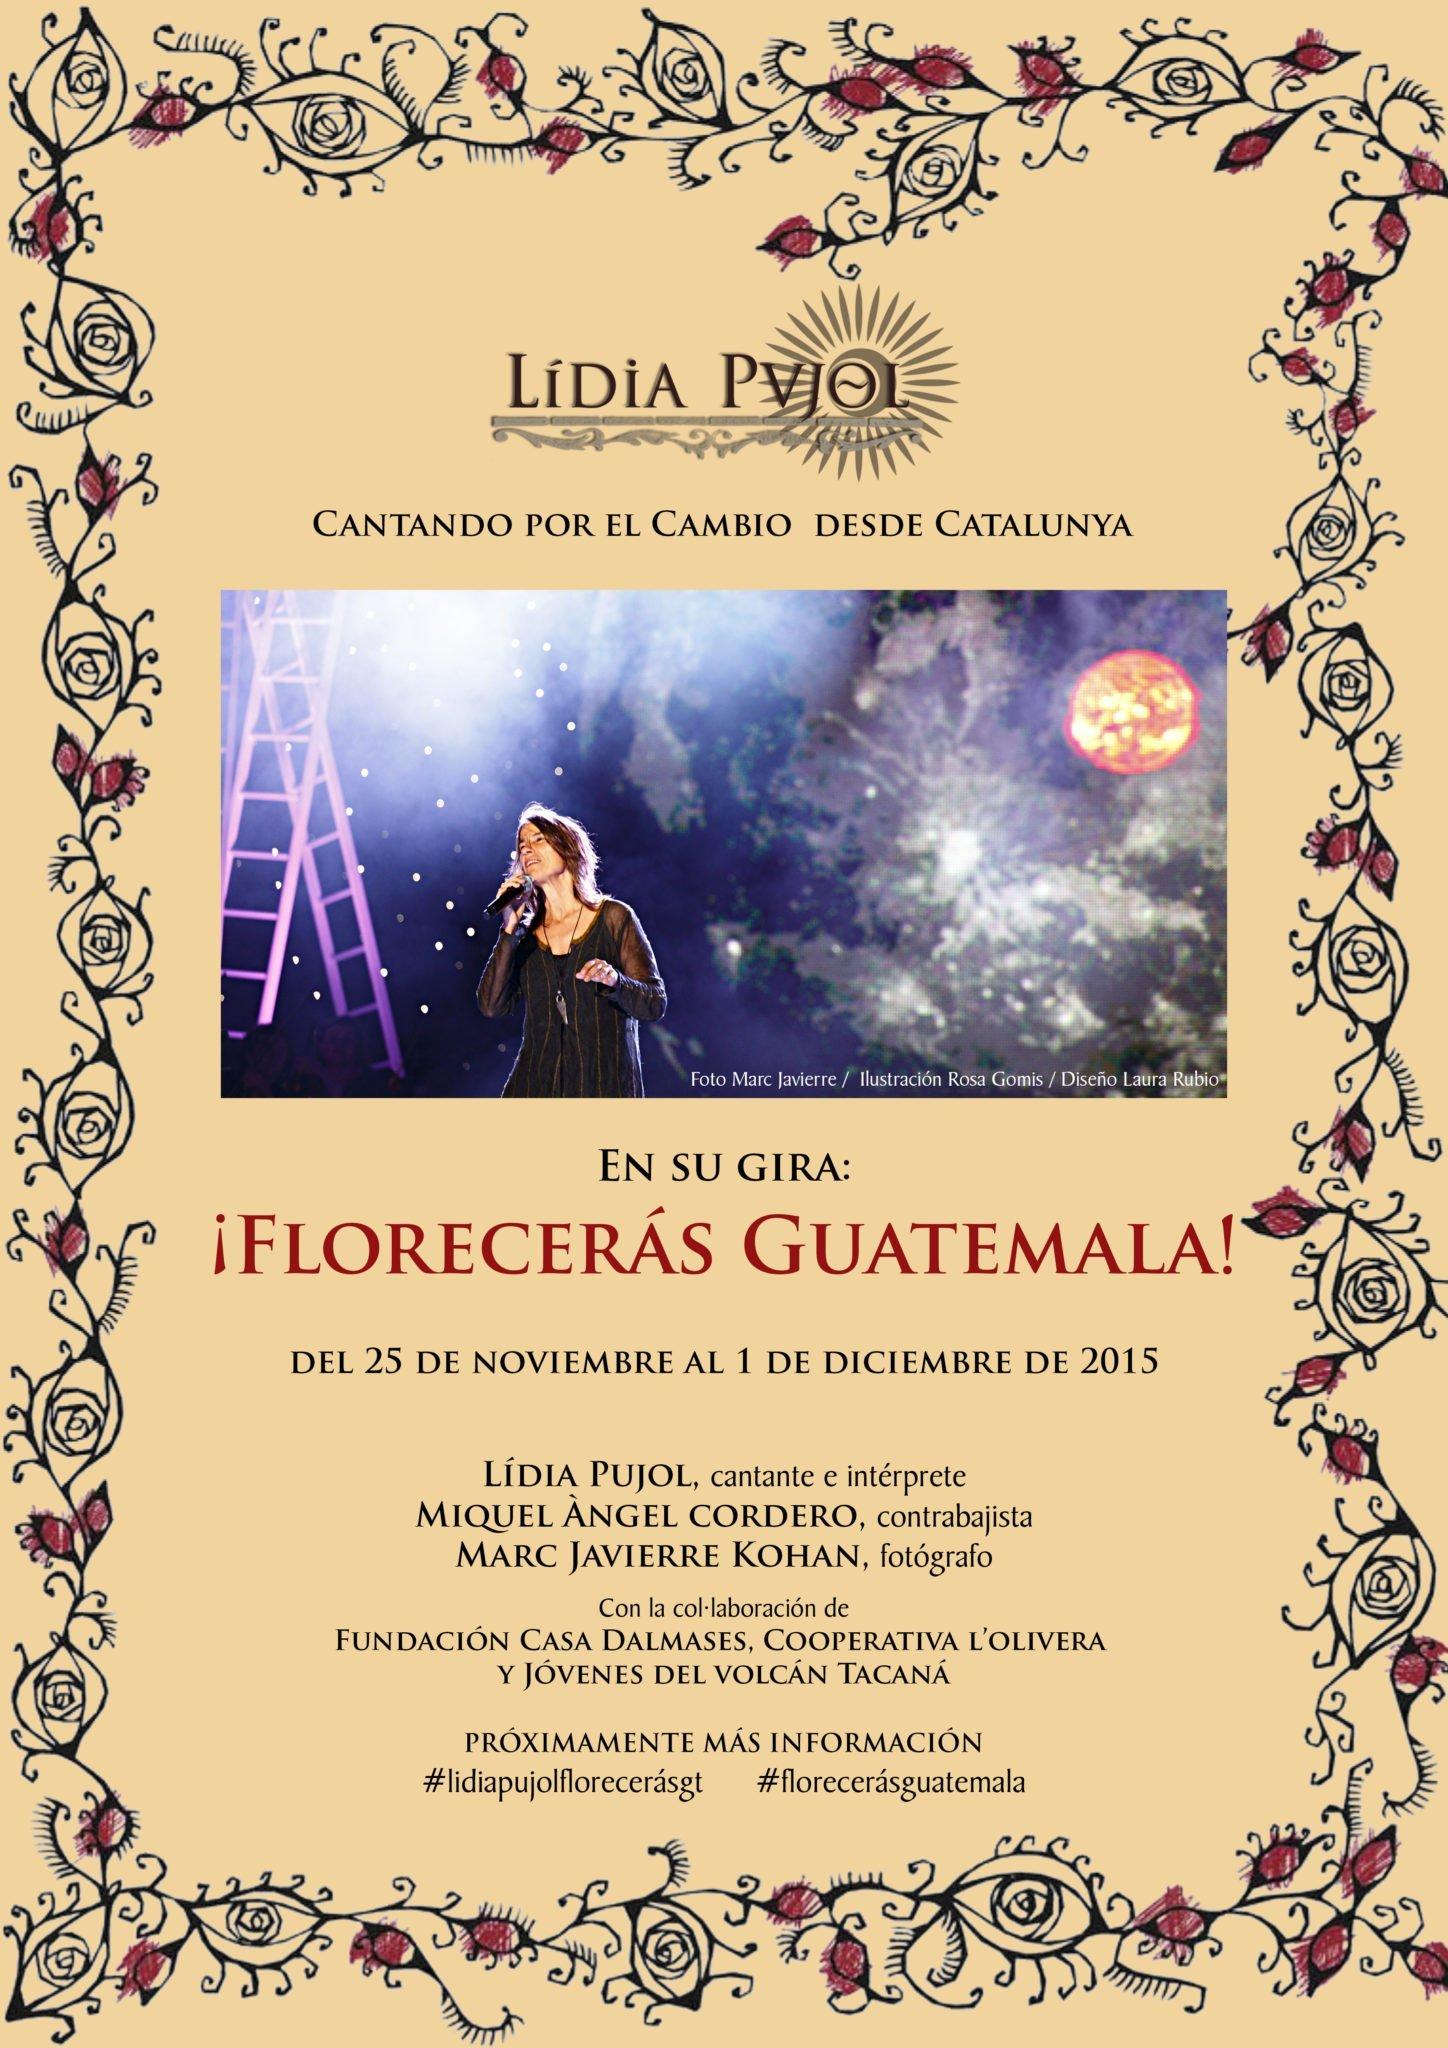 ¡Florecerás Guatemala! Gira de concerts solidaris després de l'últim concert Iter Luminis 2015 el 21 de novembre a la basílica de S. Maria del Pi.